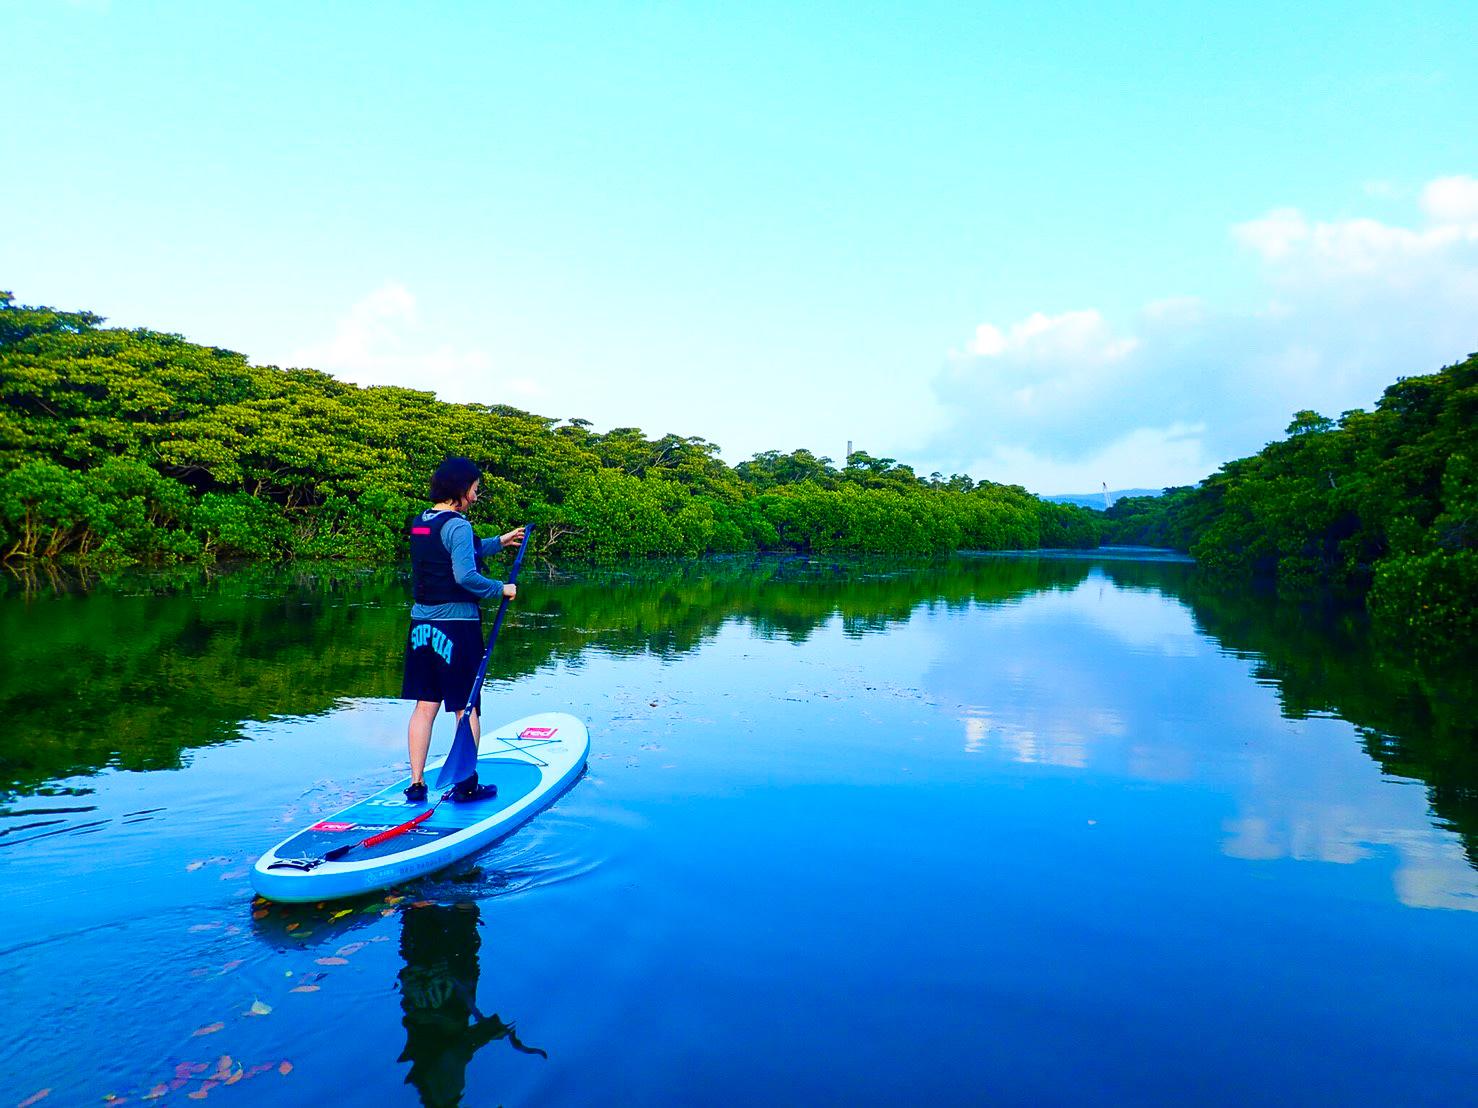 大自然の中をSUPを漕いで進む女性